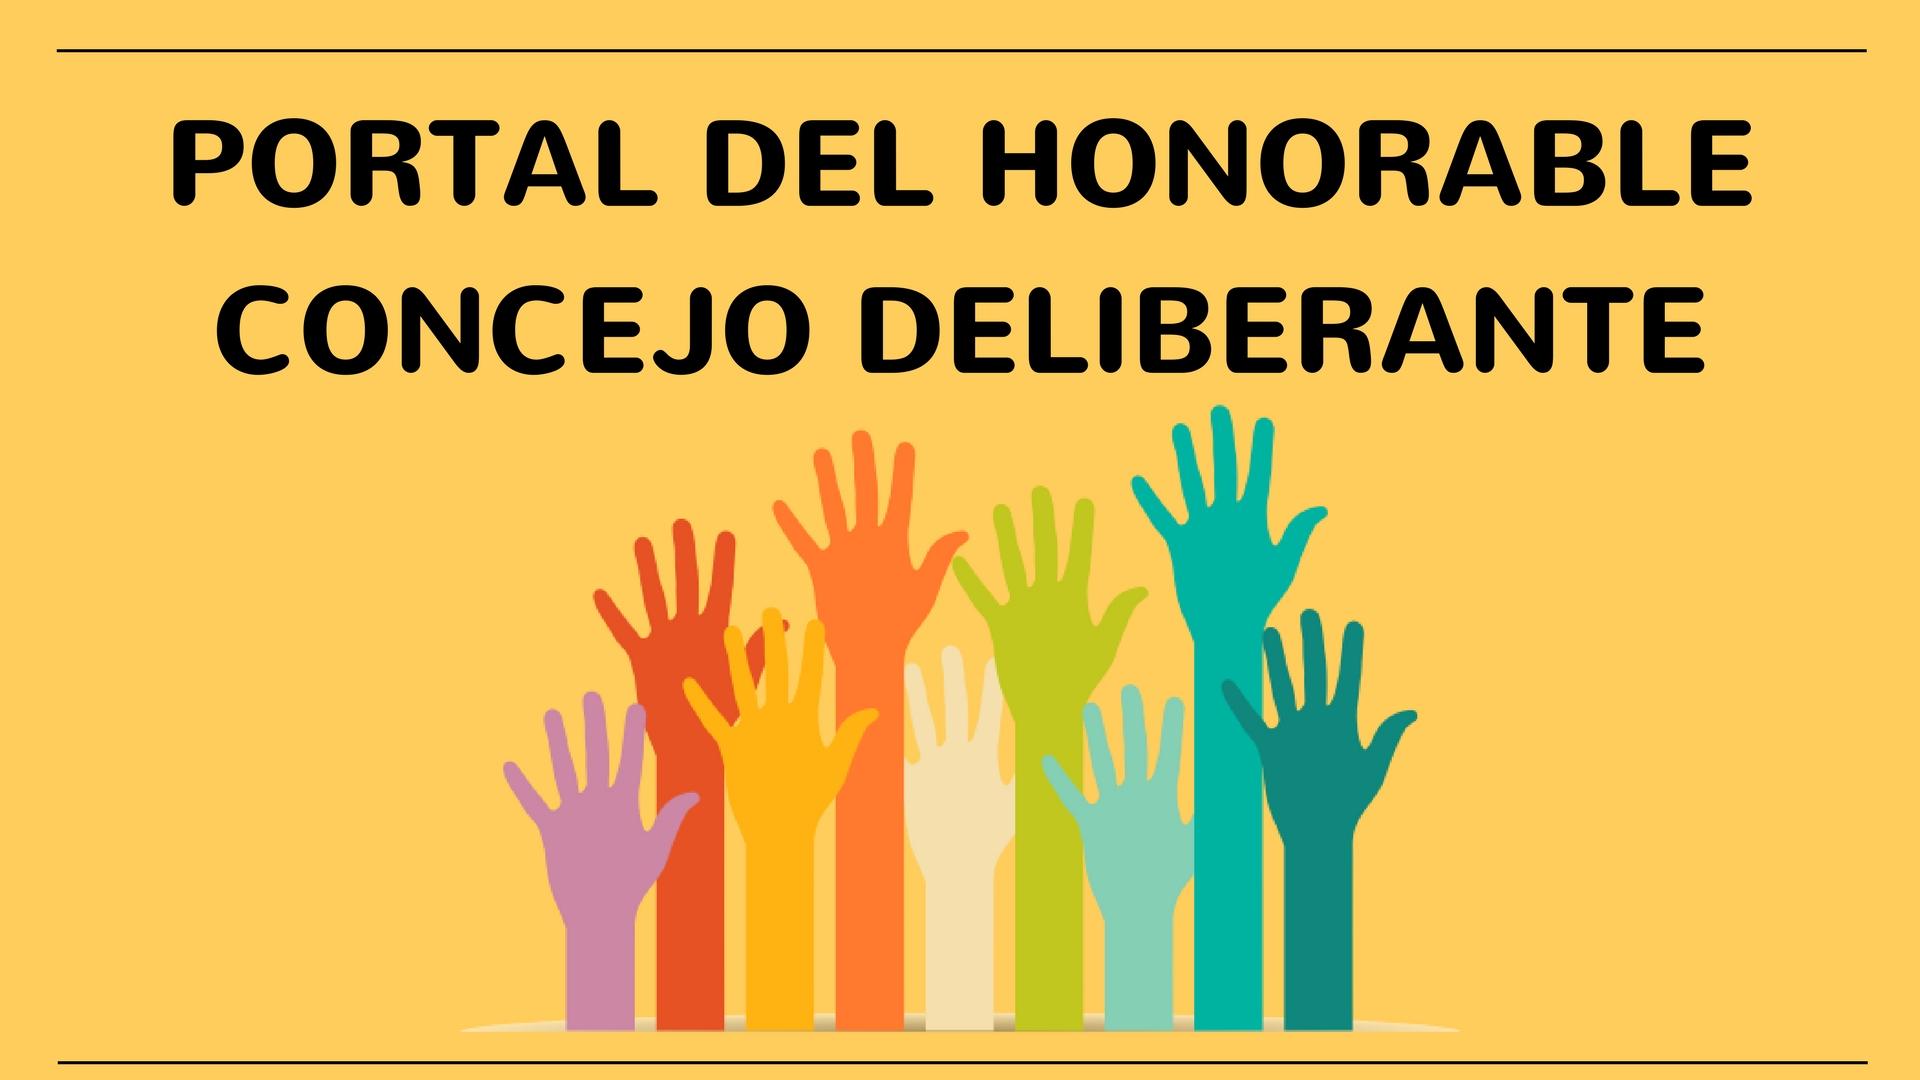 Portal del Honorable Concejo Deliberante de Salsacate